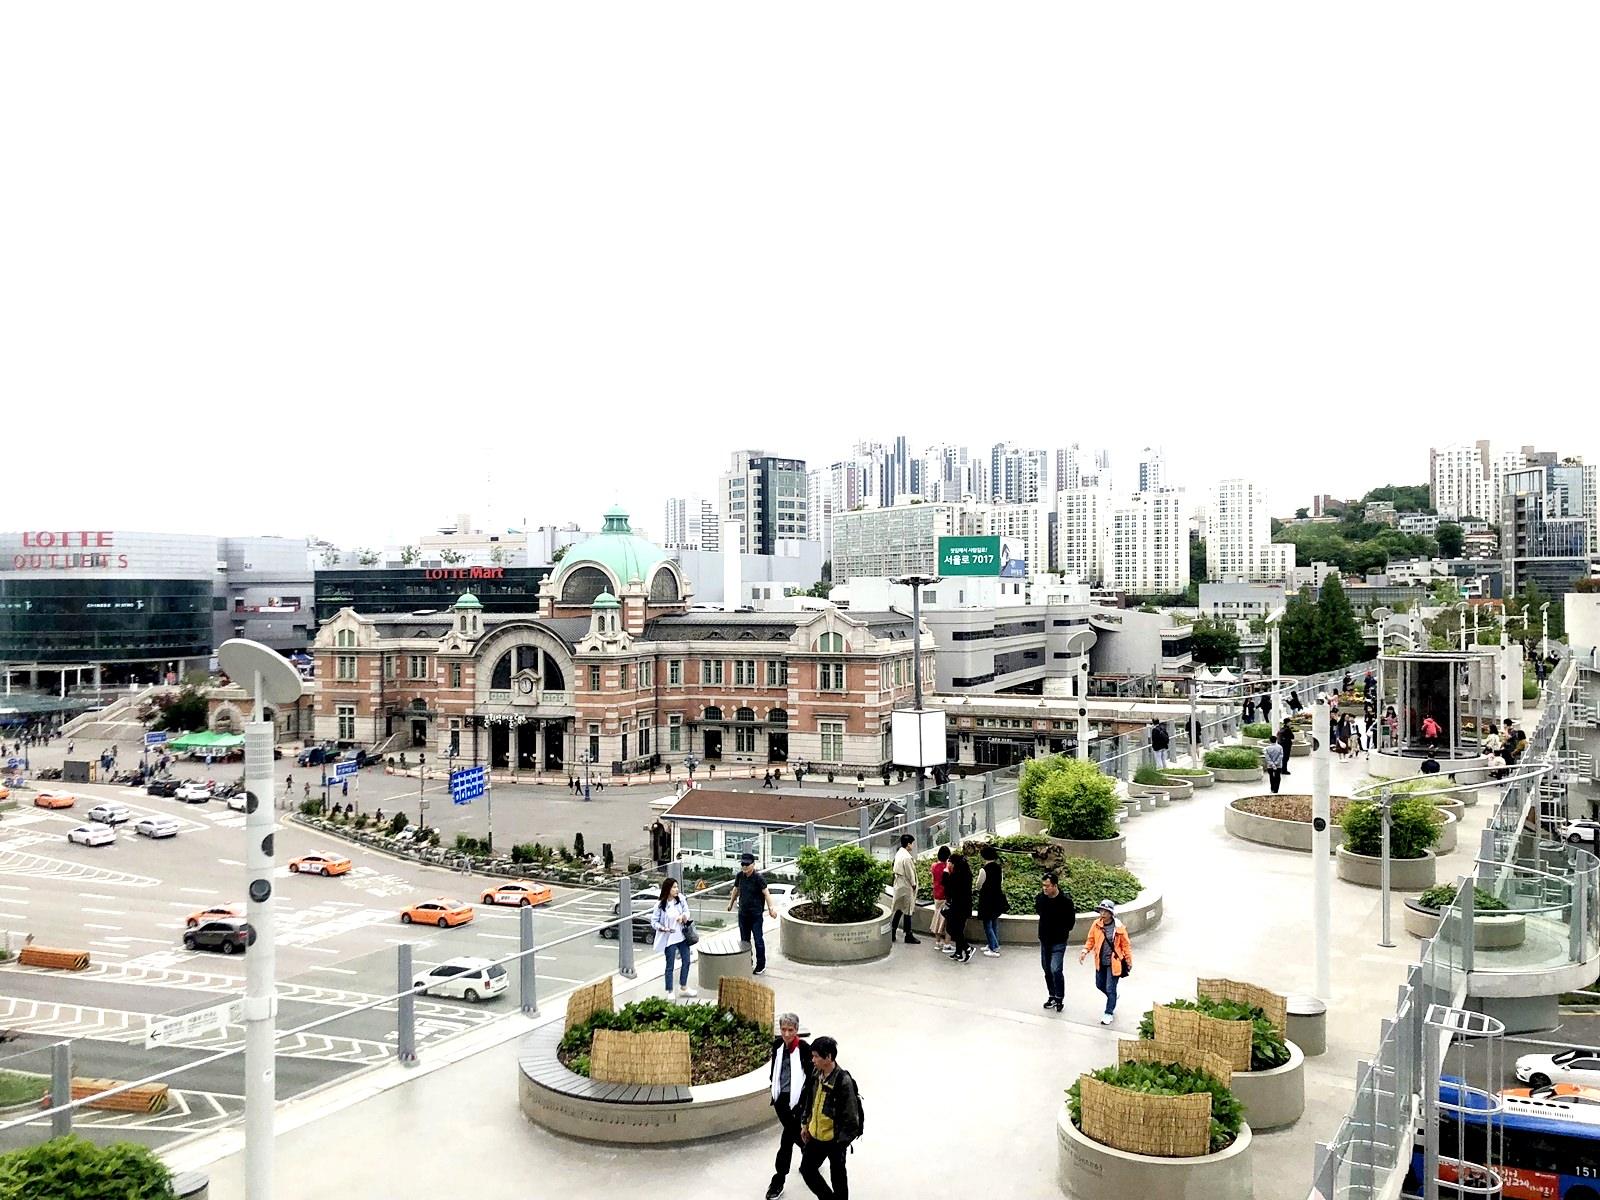 【2018韓國首爾】首爾路7017 (서울로7017) 首爾新景點 市中心空中花園 會賢站(南大門)-首爾站